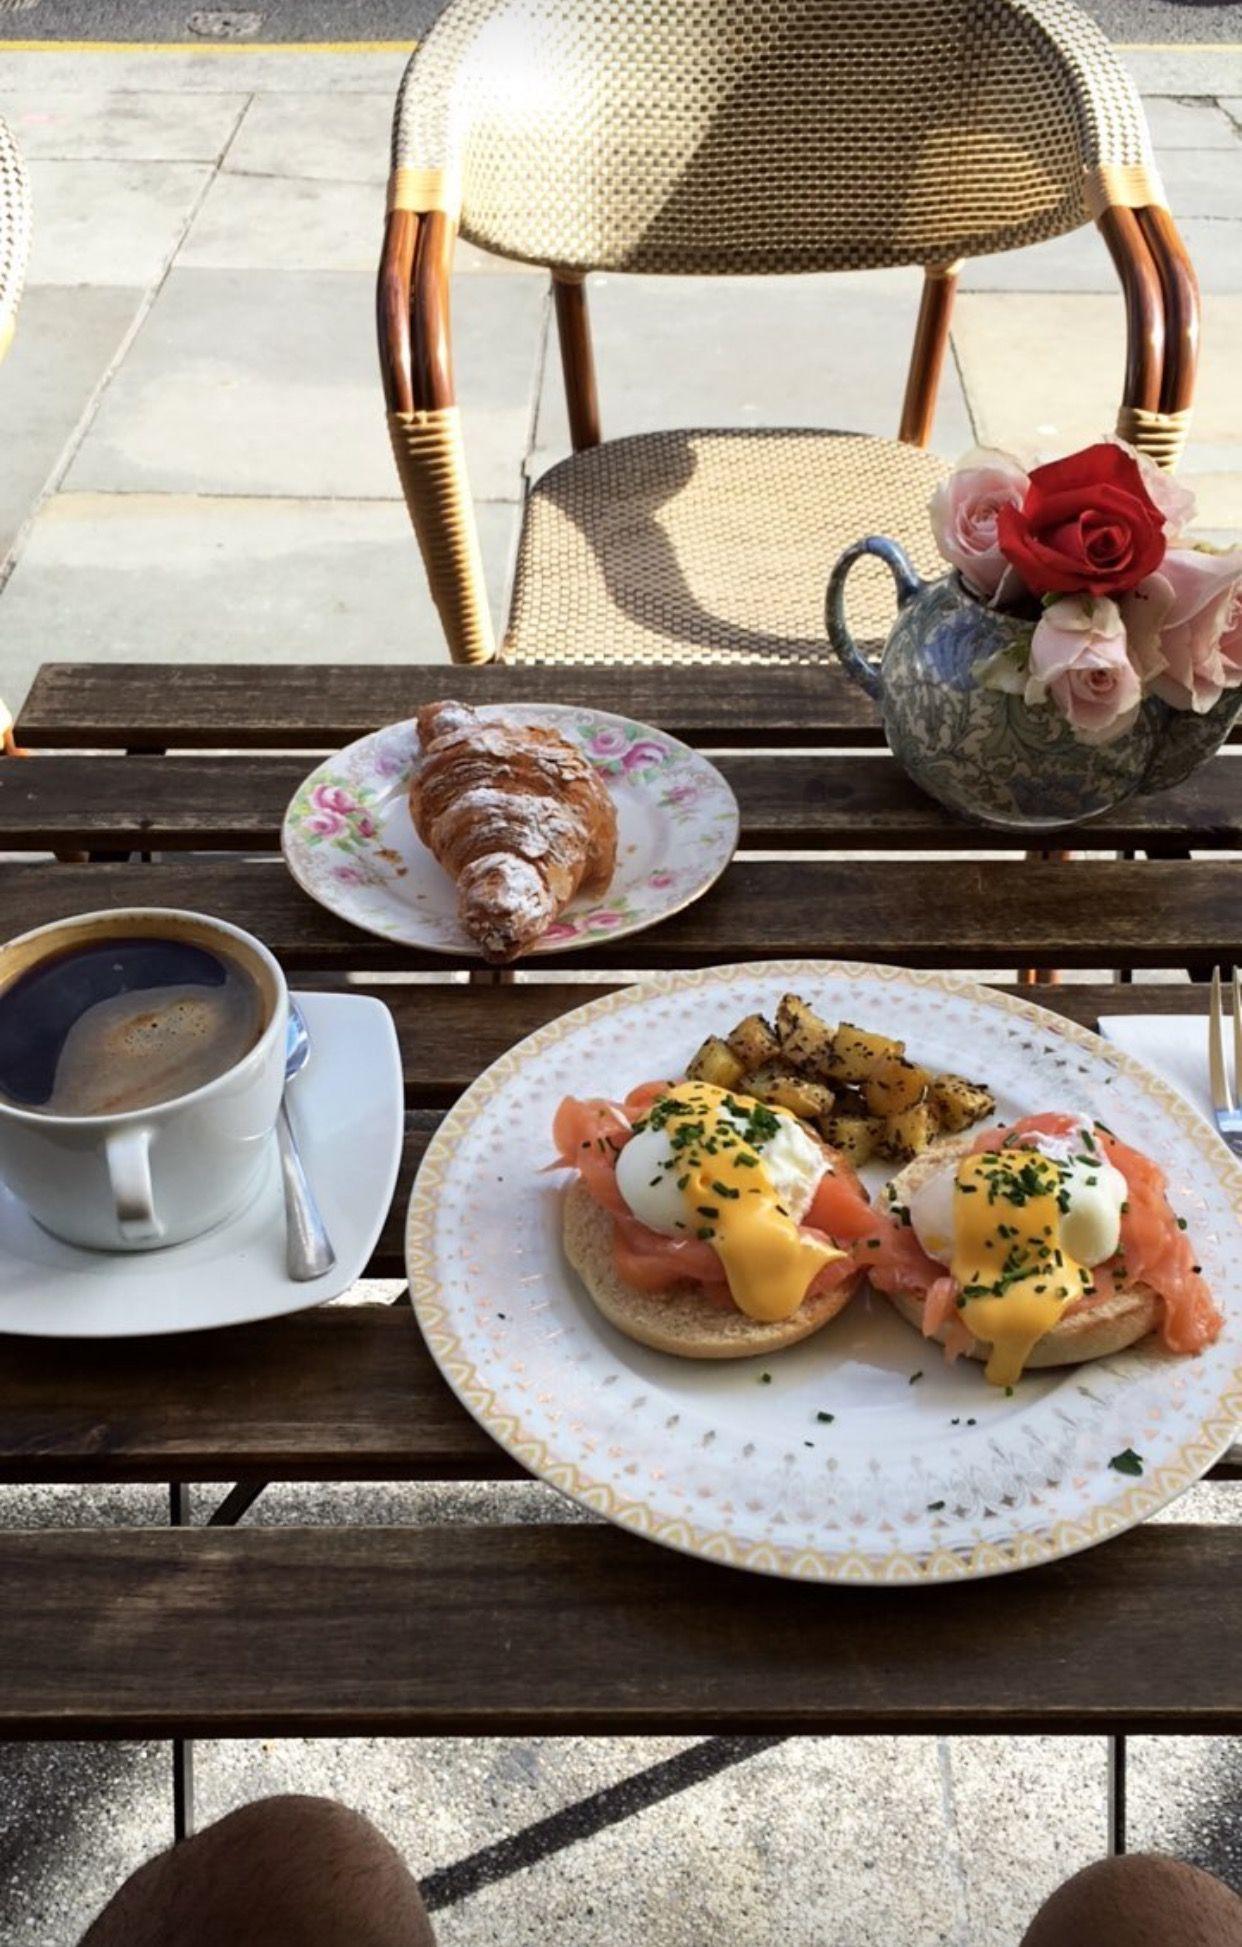 Unglaublich Guten Morgen Frühstück Dekoration Von Frühstück, Perfektes Frühstück, Matcha, Brunch, Pralinen, Getränke